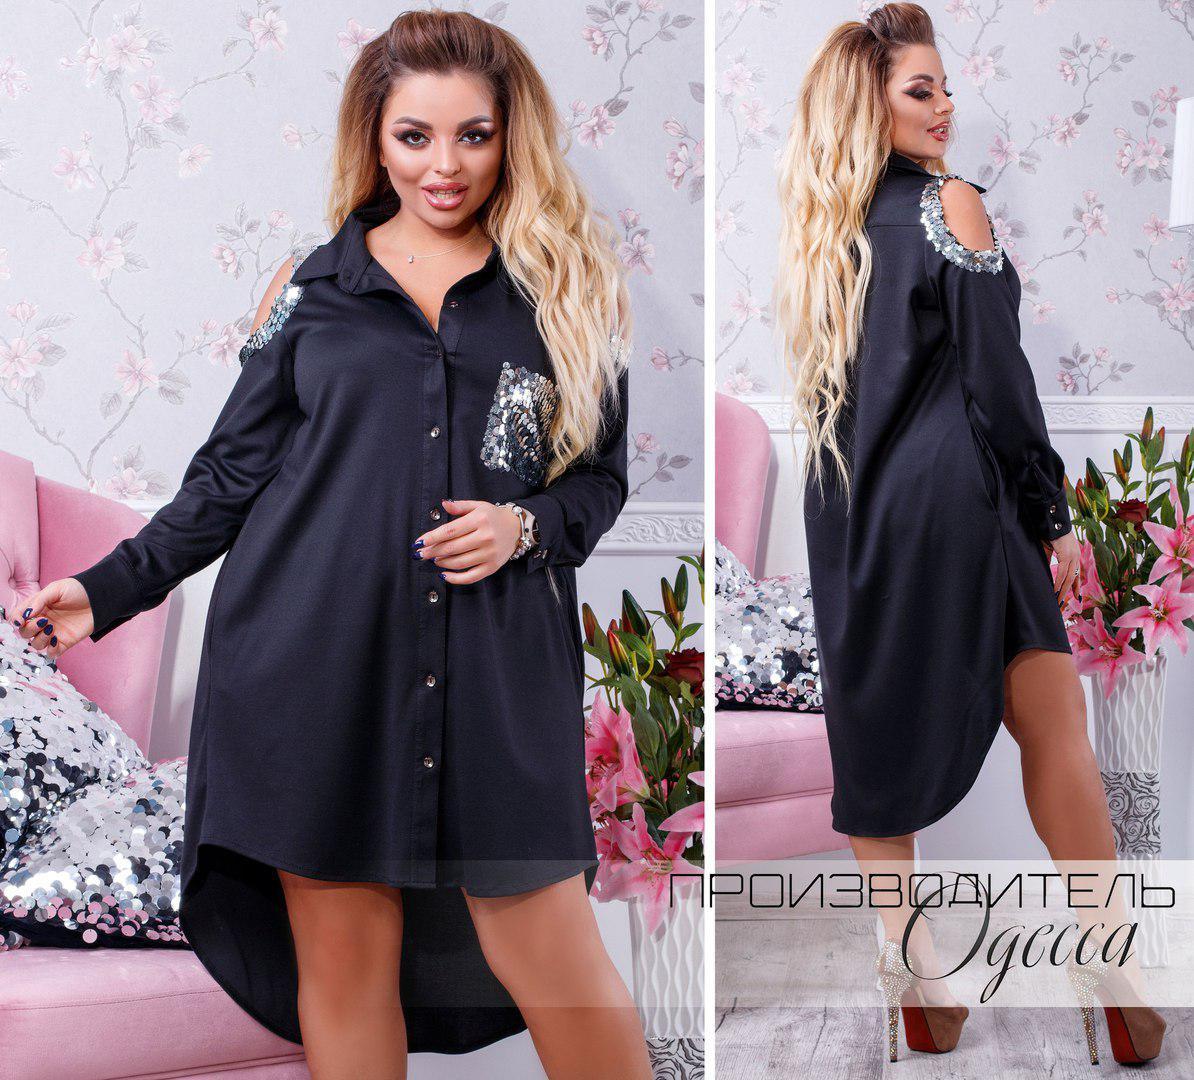 Платье рубашка в расцветках 32295  Интернет-магазин модной женской одежды  оптом и в розницу . Самые низкие цены в Украине. платья женские от